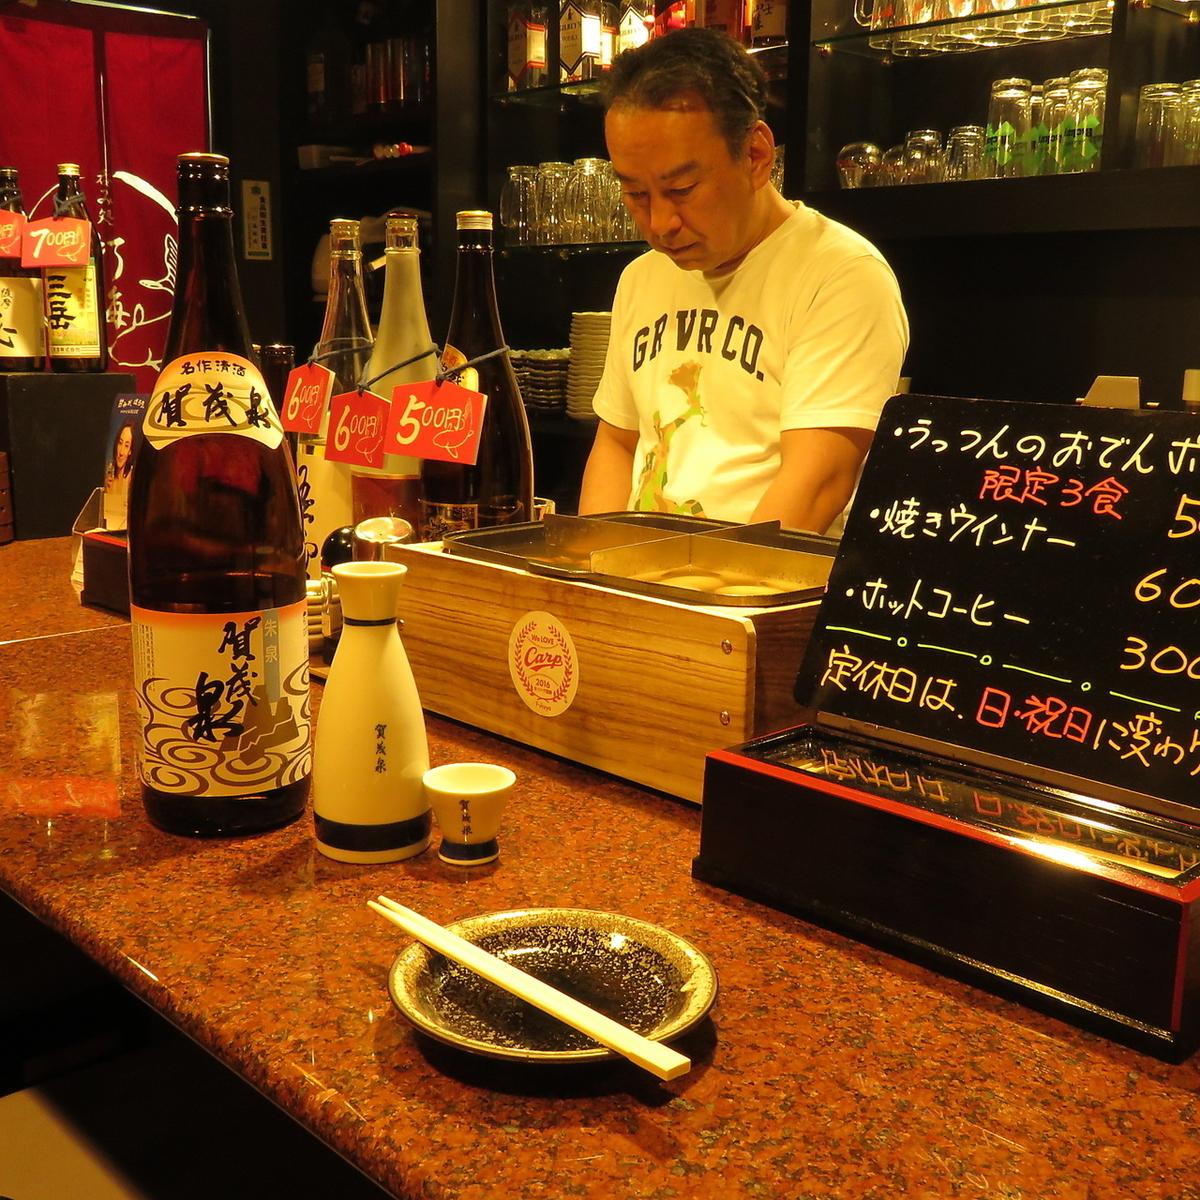 ♪理想的小型派對宴會♪在商店裡可以享受休閒的樂趣♪廣島喜歡·喜歡棒球愛好者!這是一個你想在下班後,宴會前和派對後回來的商店